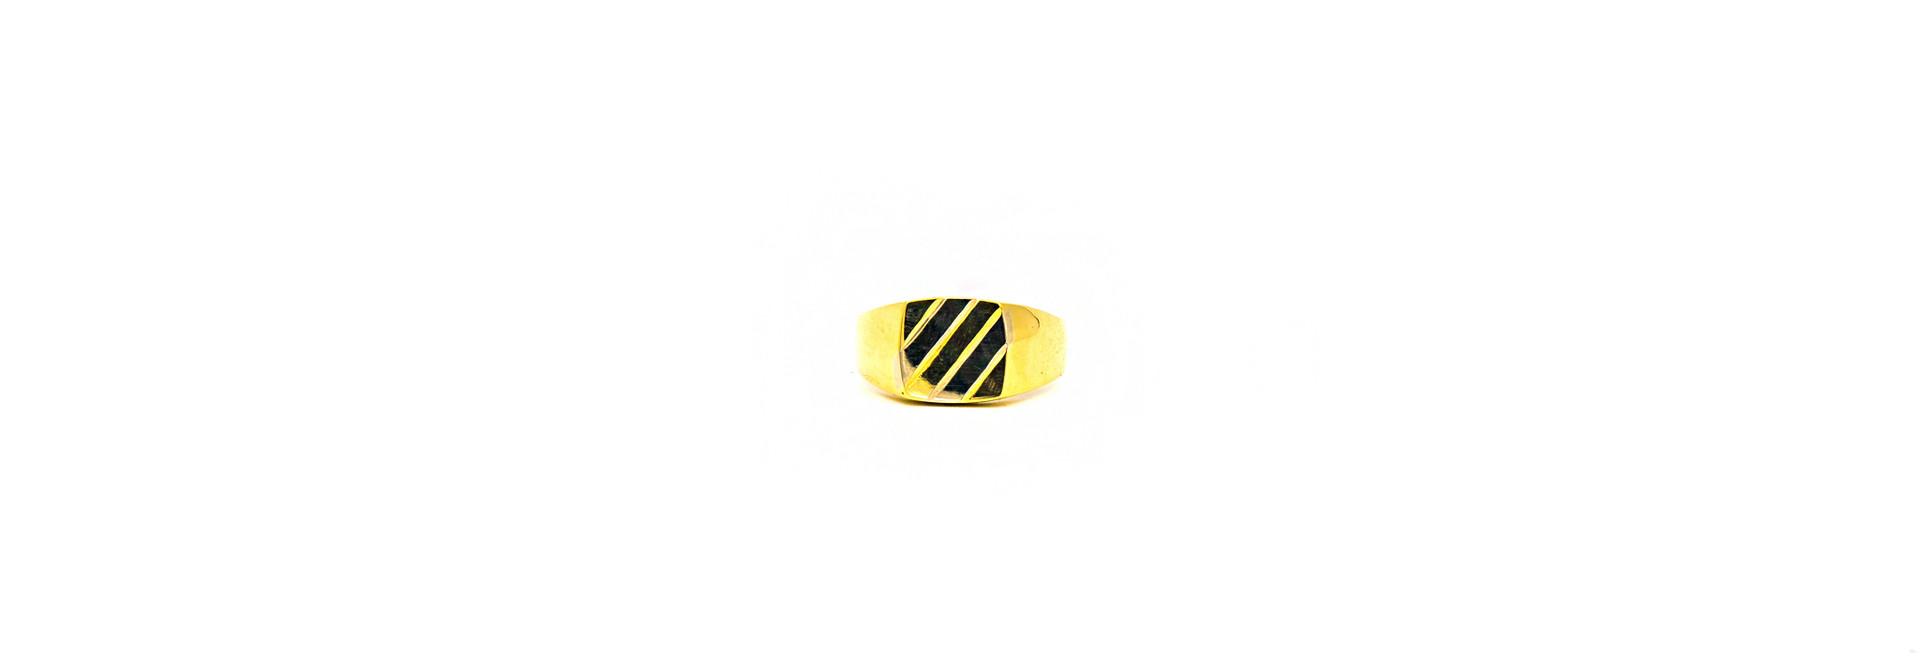 Ring zegel bicolor